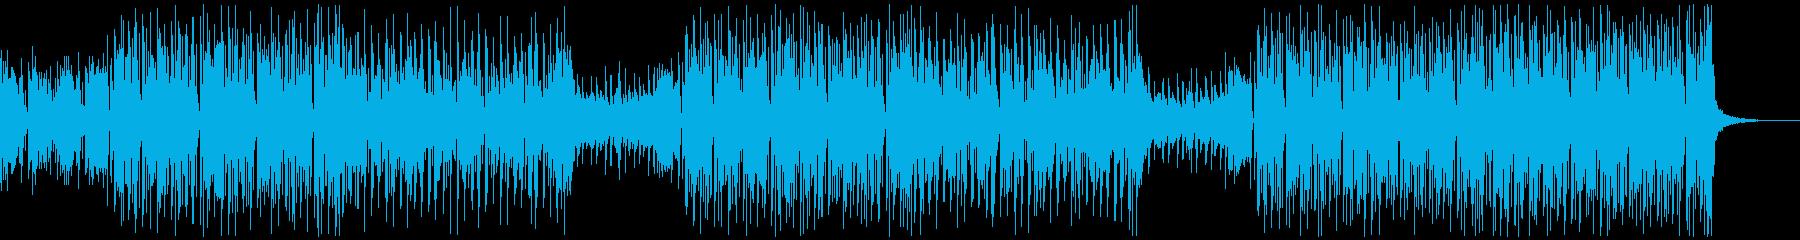 ファンキー/クール/おしゃれシティポップの再生済みの波形